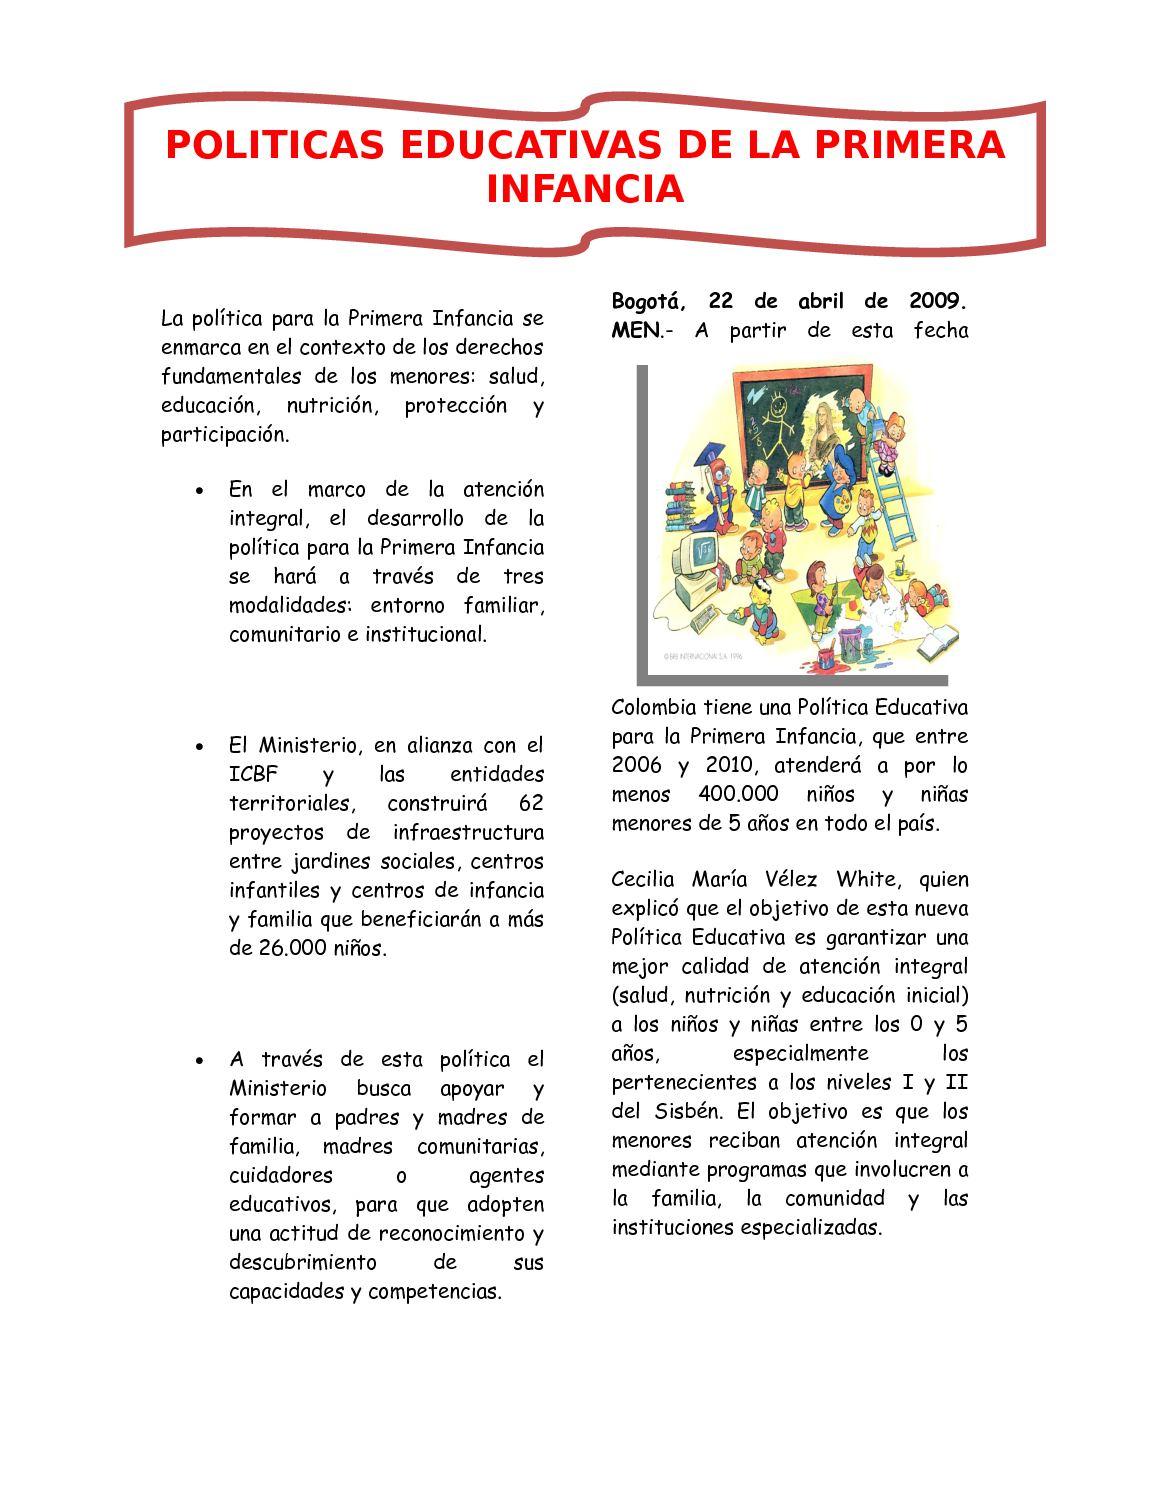 Calaméo - PERIODICO POLITICAS EDUCATIVAS Y LINIAMIENTOS CURRICULARES